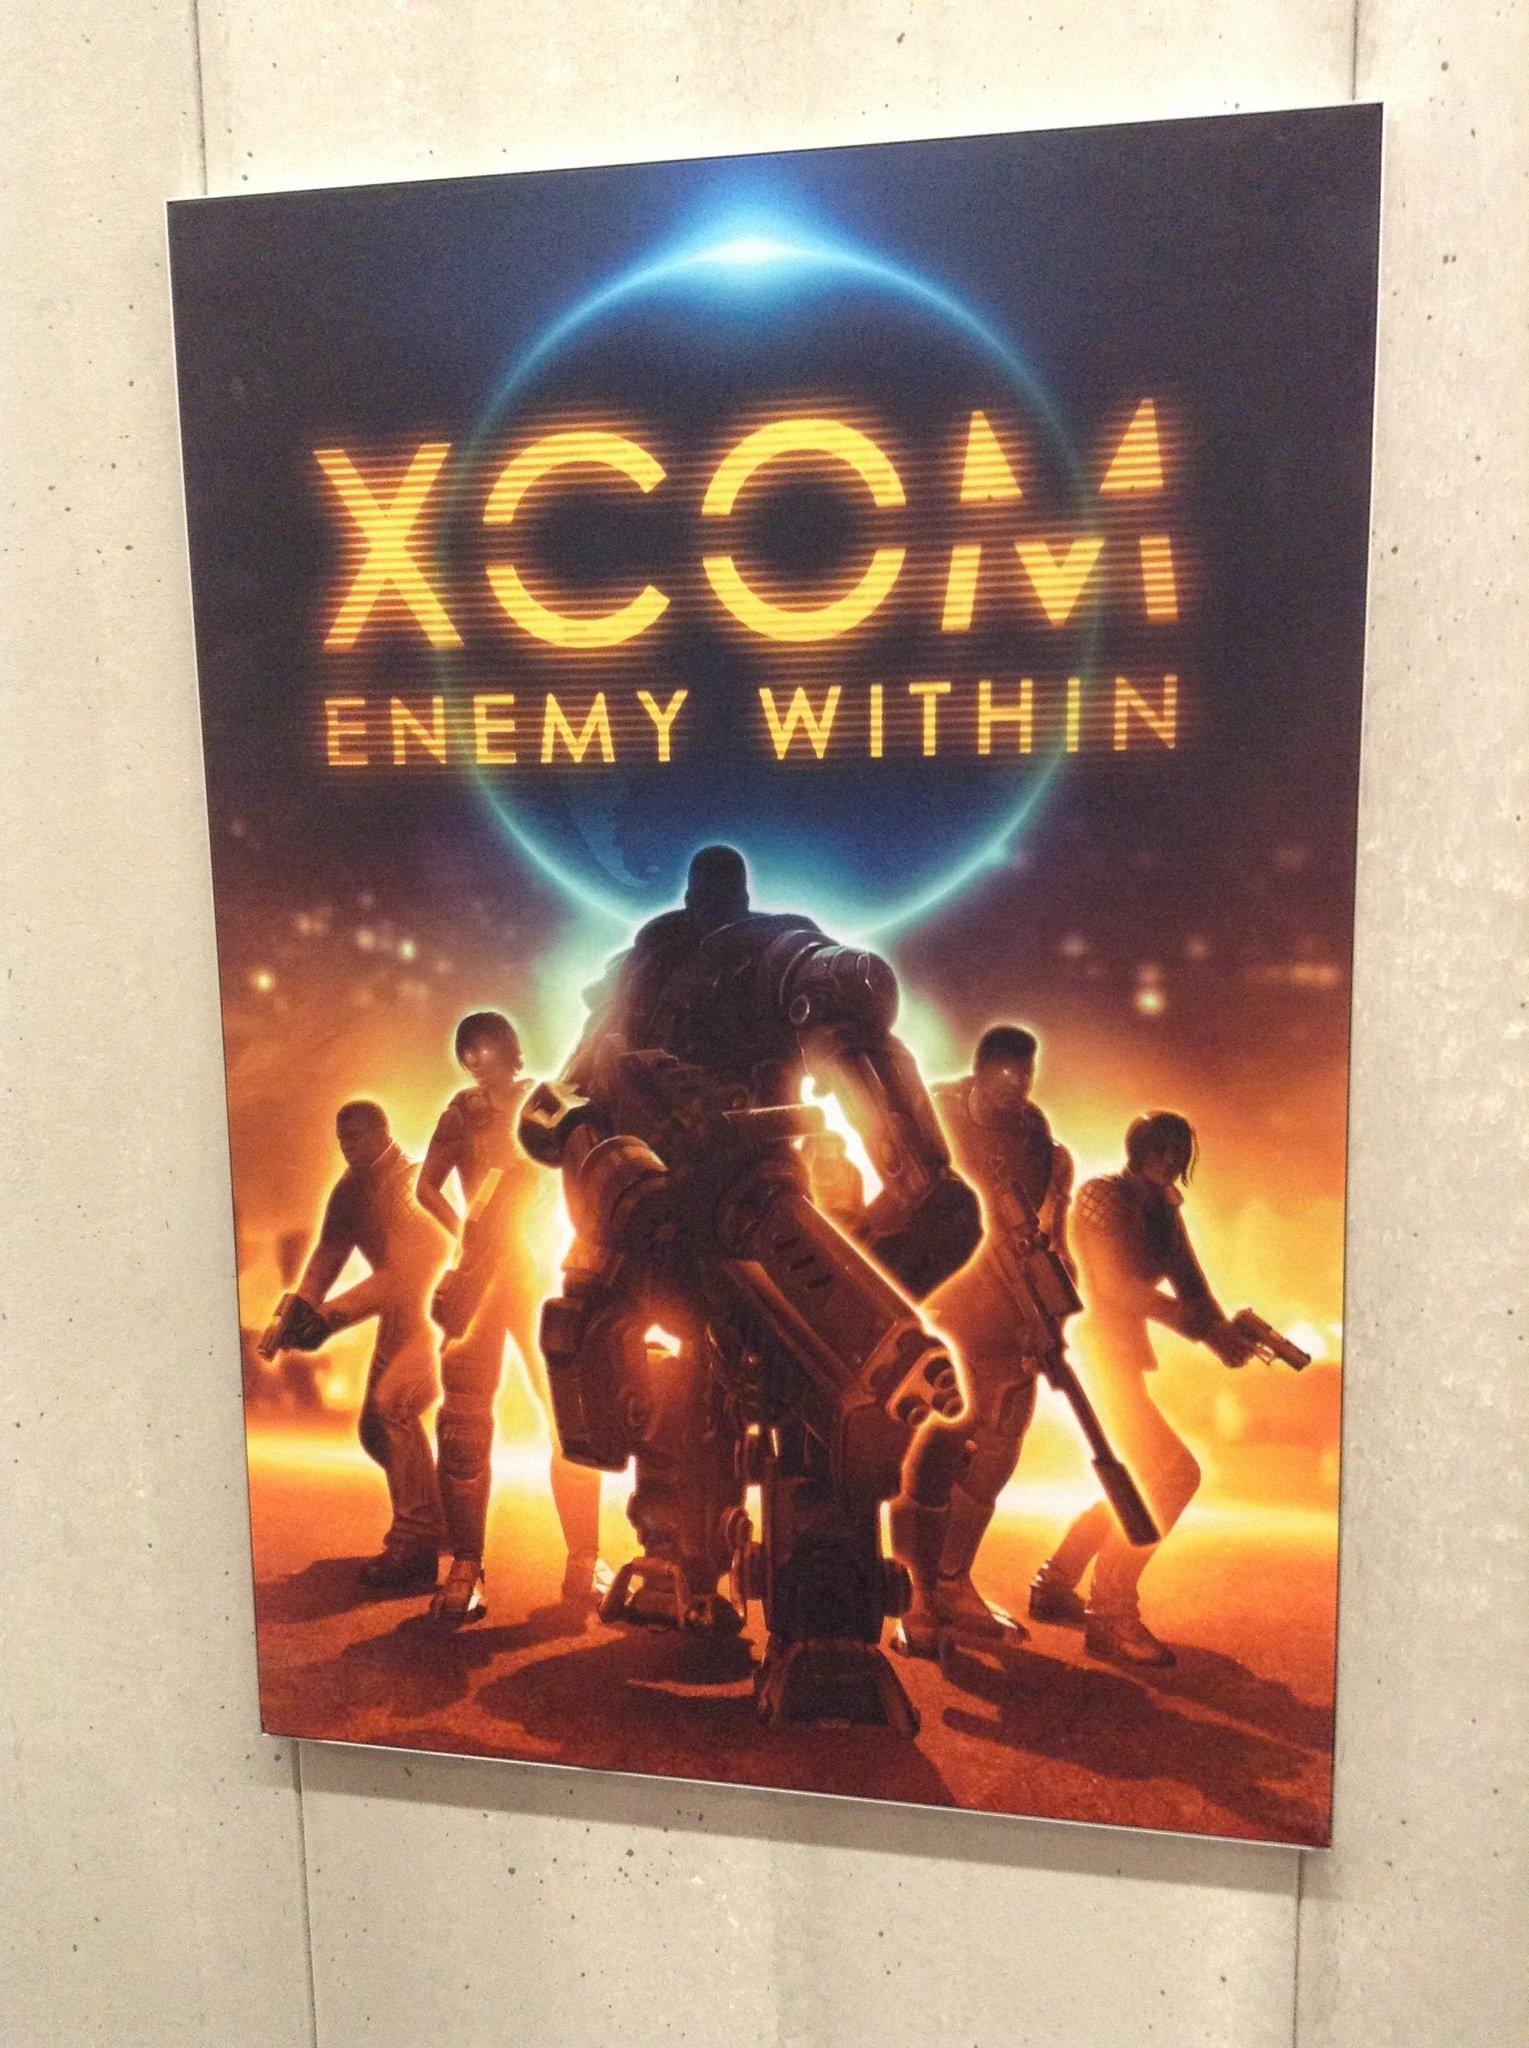 Я сыграл демонстнационную миссию в XCOM: Enemy Within. Это платное дополнение к Enemy Unknown. Firaxis убедились, чт ... - Изображение 1